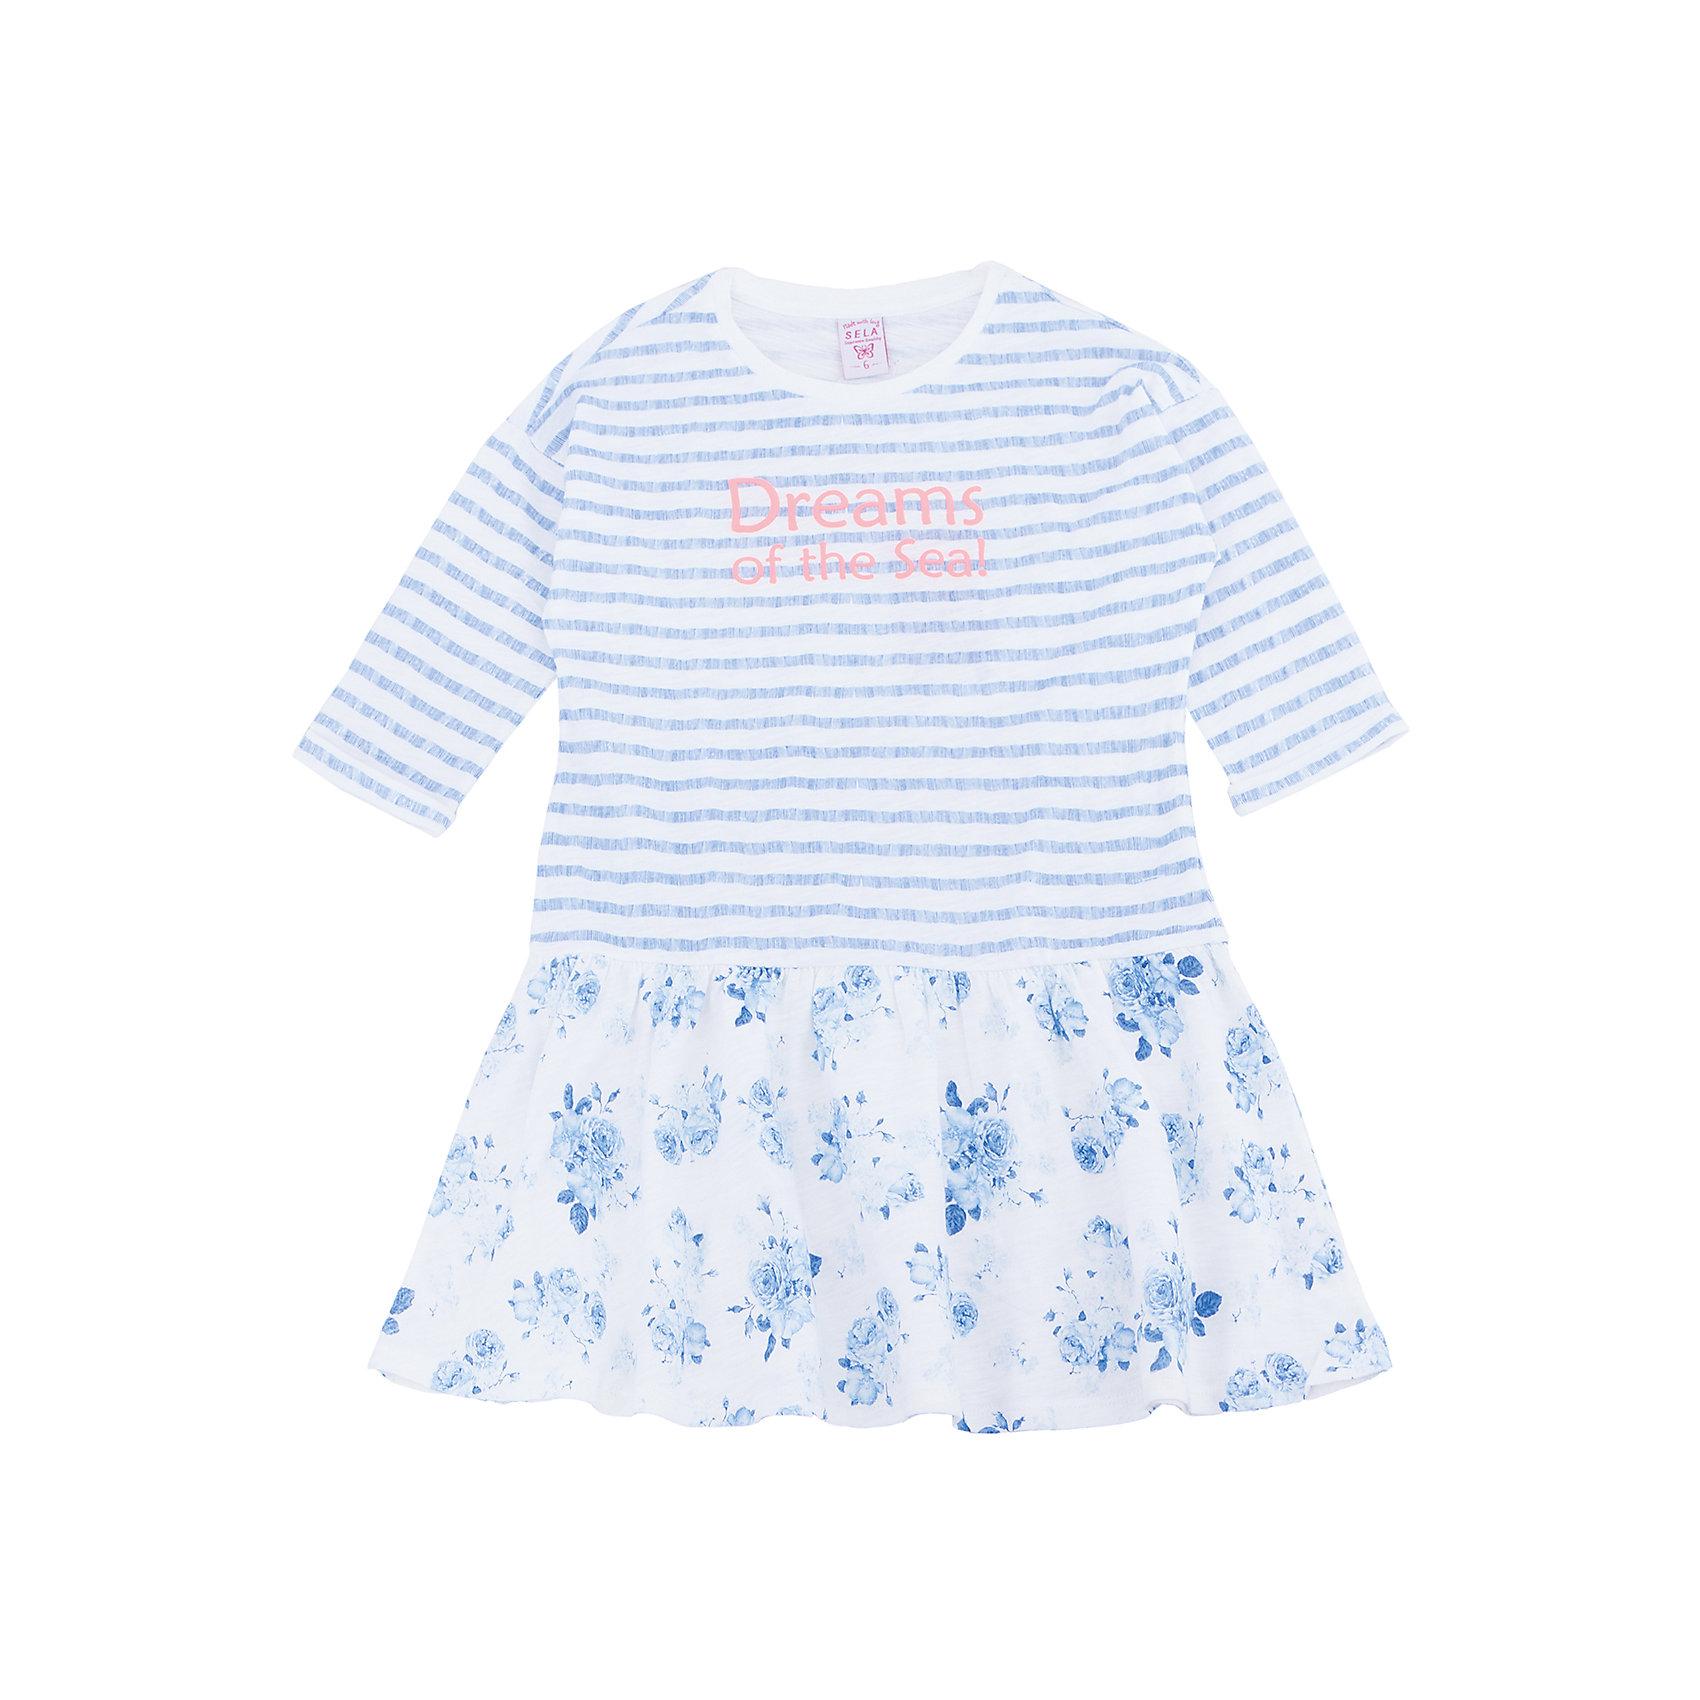 Платье для девочки SELAПлатья и сарафаны<br>Характеристики товара:<br><br>• цвет: белый, голубой, в полоску <br>• сезон: лето<br>• состав: 100% хлопок<br>• принт<br>• длина выше колена<br>• рукава 3/4 <br>• комфортная посадка<br>• страна бренда: Россия<br><br>В новой коллекции SELA отличные модели одежды! Это платье для девочки поможет разнообразить гардероб ребенка и обеспечить комфорт. Оно отлично сочетается с босоножками или туфельками. <br><br>Одежда, обувь и аксессуары от российского бренда SELA не зря пользуются большой популярностью у детей и взрослых.<br><br>Платье для девочки от популярного бренда SELA (СЕЛА) можно купить в нашем интернет-магазине.<br><br>Ширина мм: 236<br>Глубина мм: 16<br>Высота мм: 184<br>Вес г: 177<br>Цвет: белый<br>Возраст от месяцев: 48<br>Возраст до месяцев: 60<br>Пол: Женский<br>Возраст: Детский<br>Размер: 110,116,104,98,92<br>SKU: 5305298